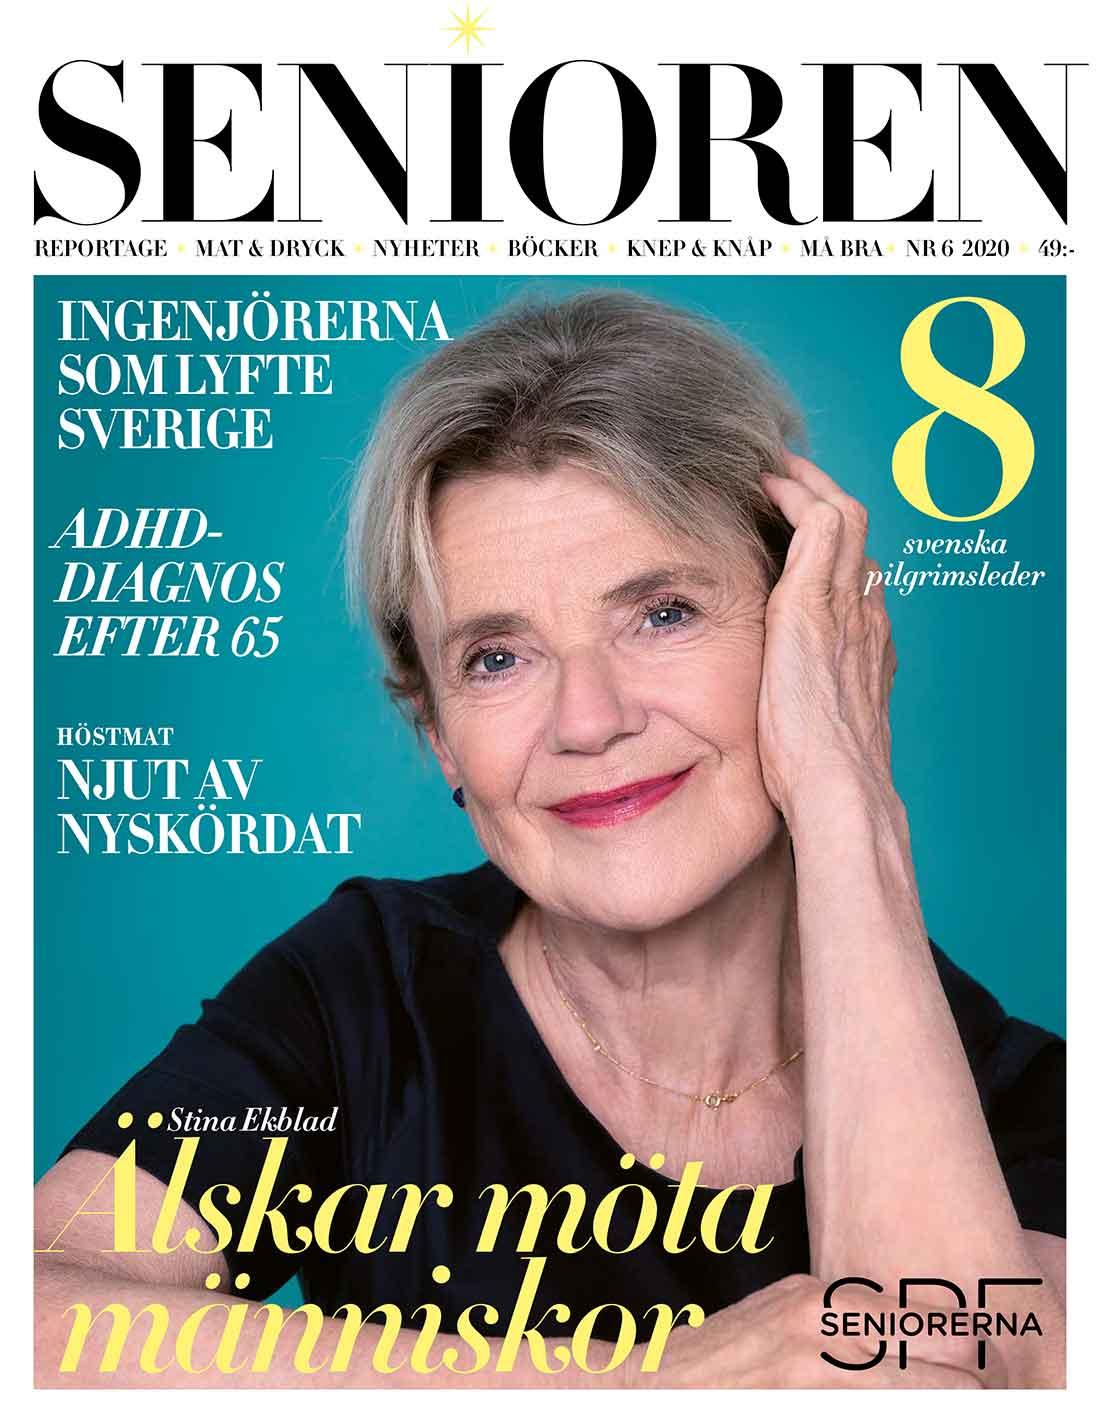 senioren-nr-6